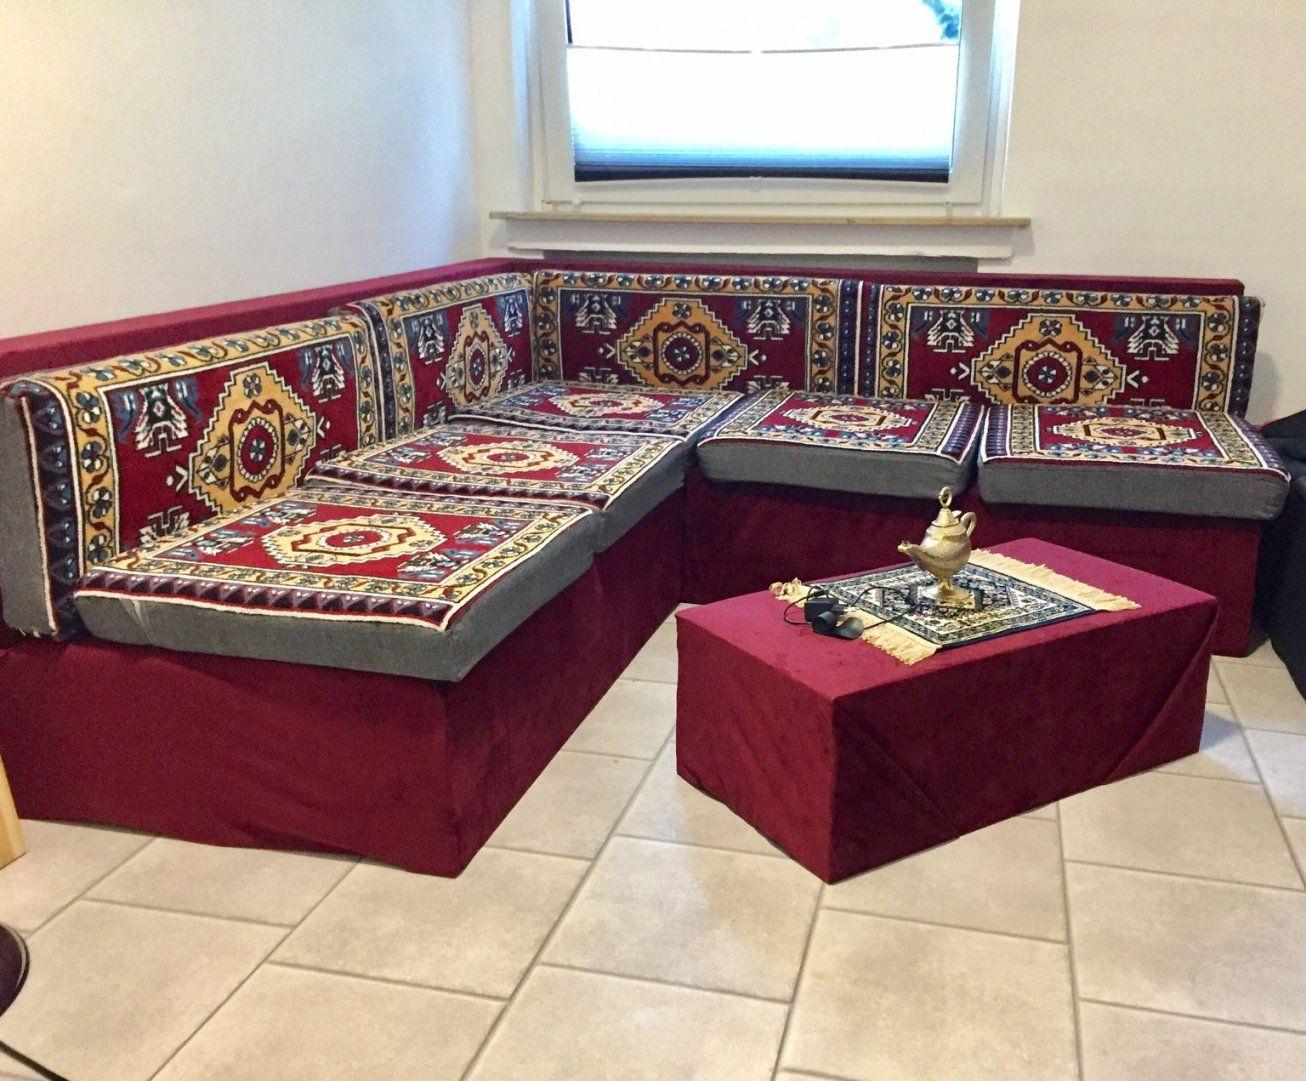 Orientalische Sitzecke Selber Bauen Wohnwagen Sitzecke Zum Bett